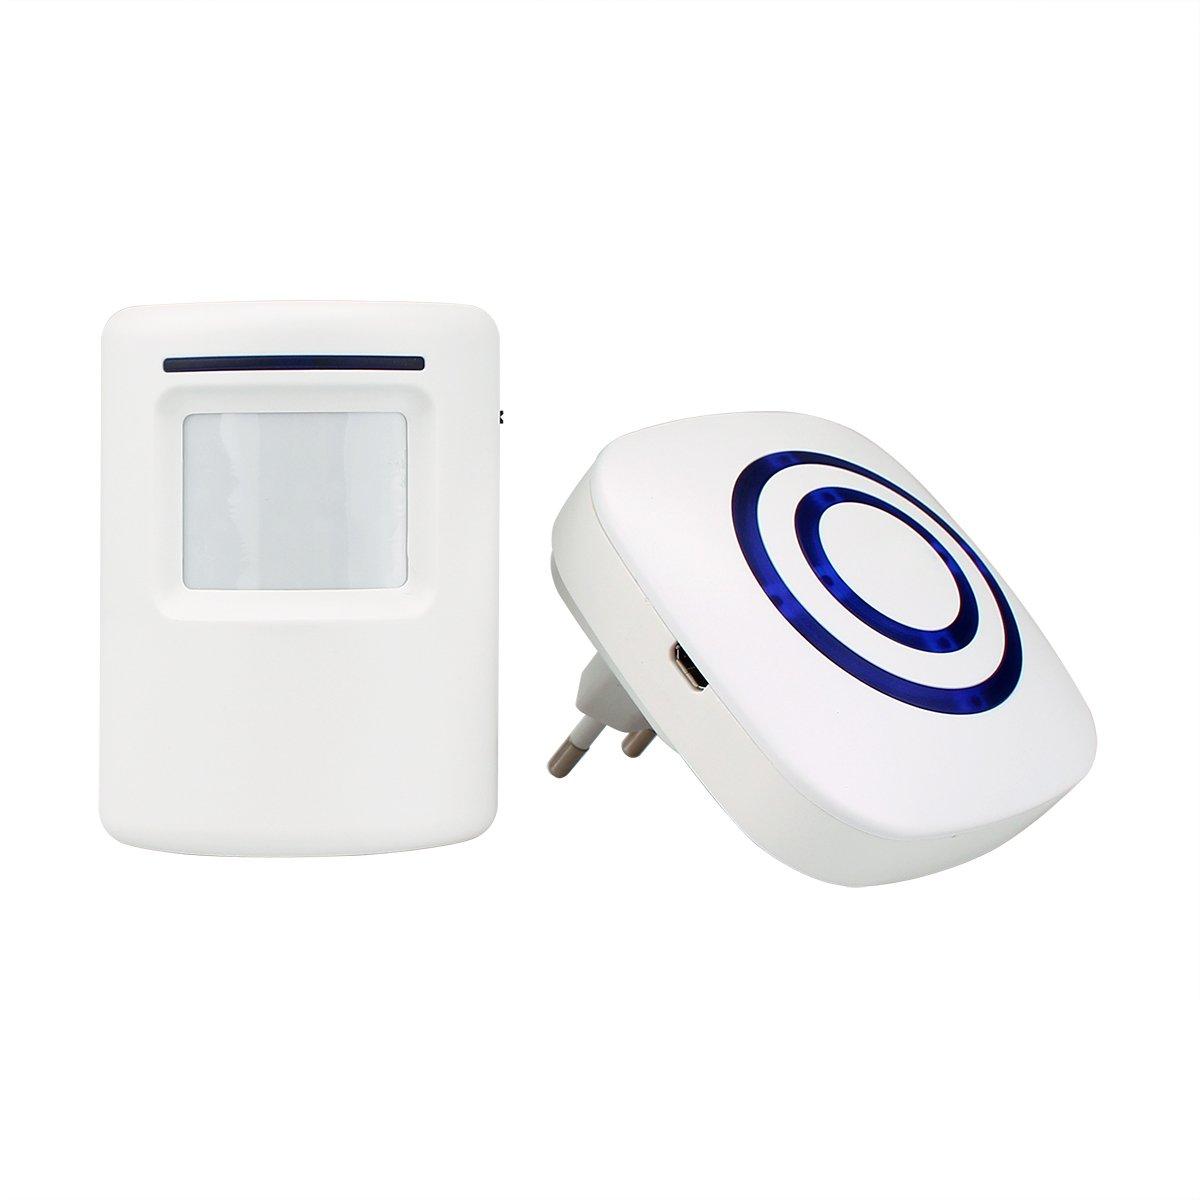 T801 Durchgangsmelder Durchgangsalarm Bewegungsmelder PIR Sensor Chime Wireless Tü rklingel fü r Home Shop (weiß ) Retekess EUF9506B